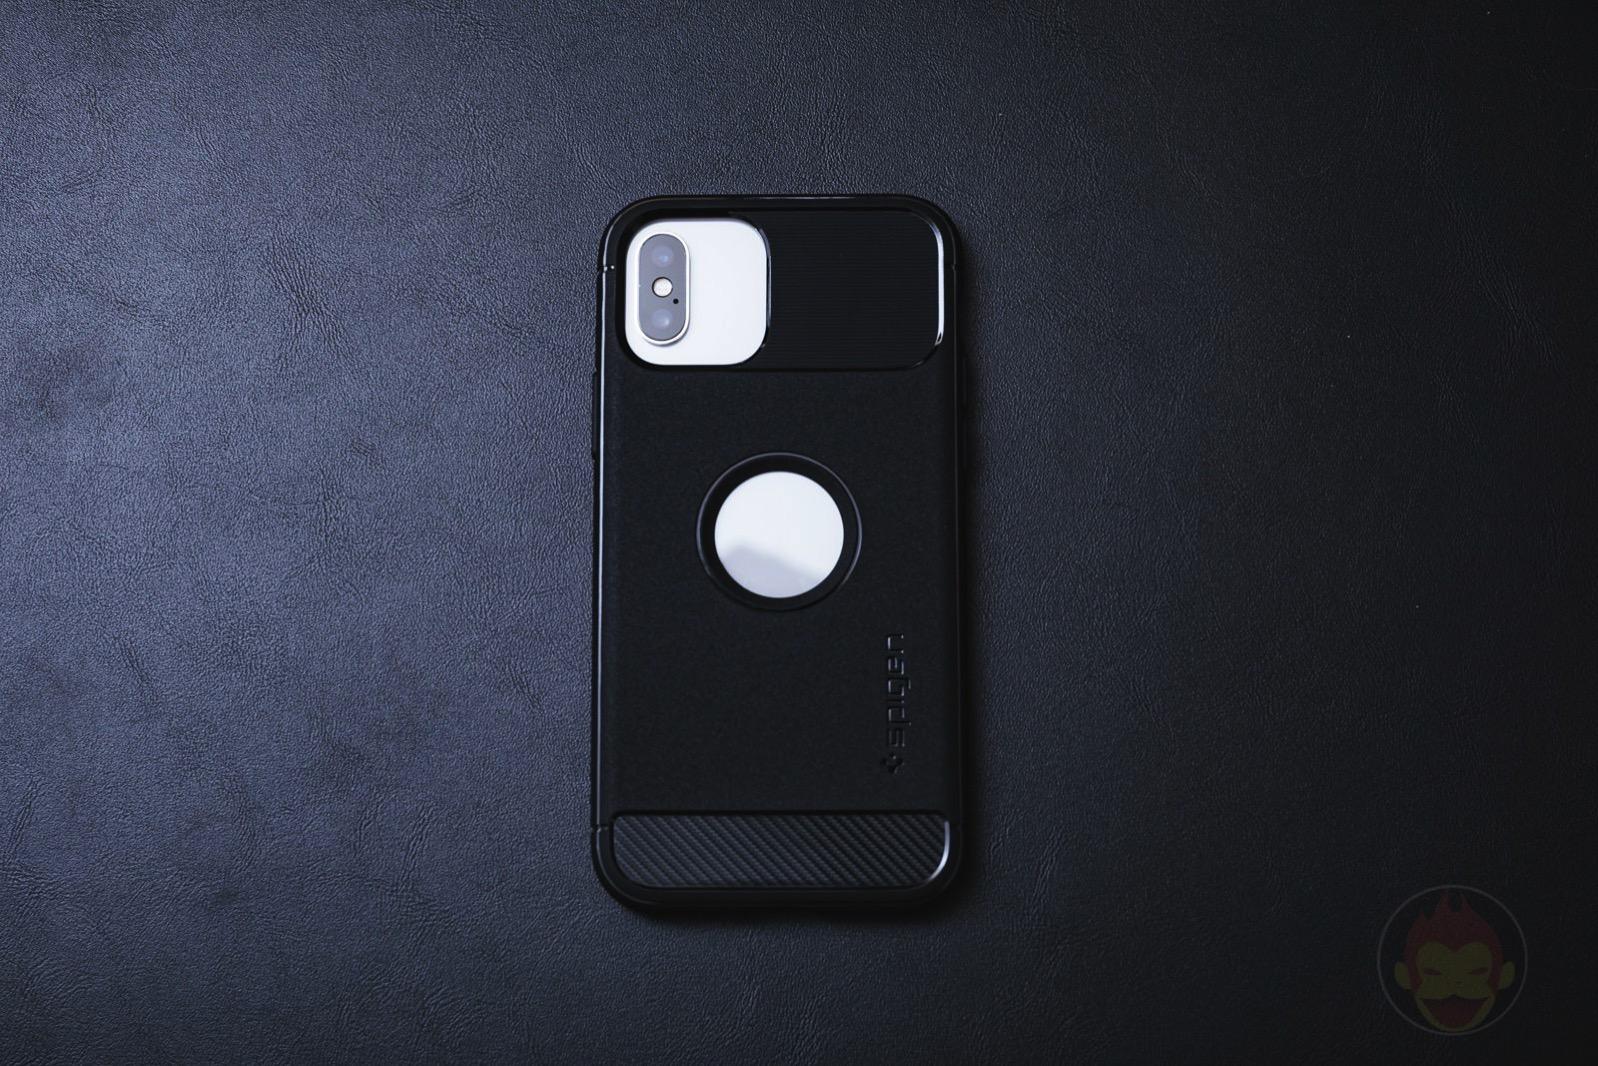 Spigen iPhone 11 Pro Case Review 03